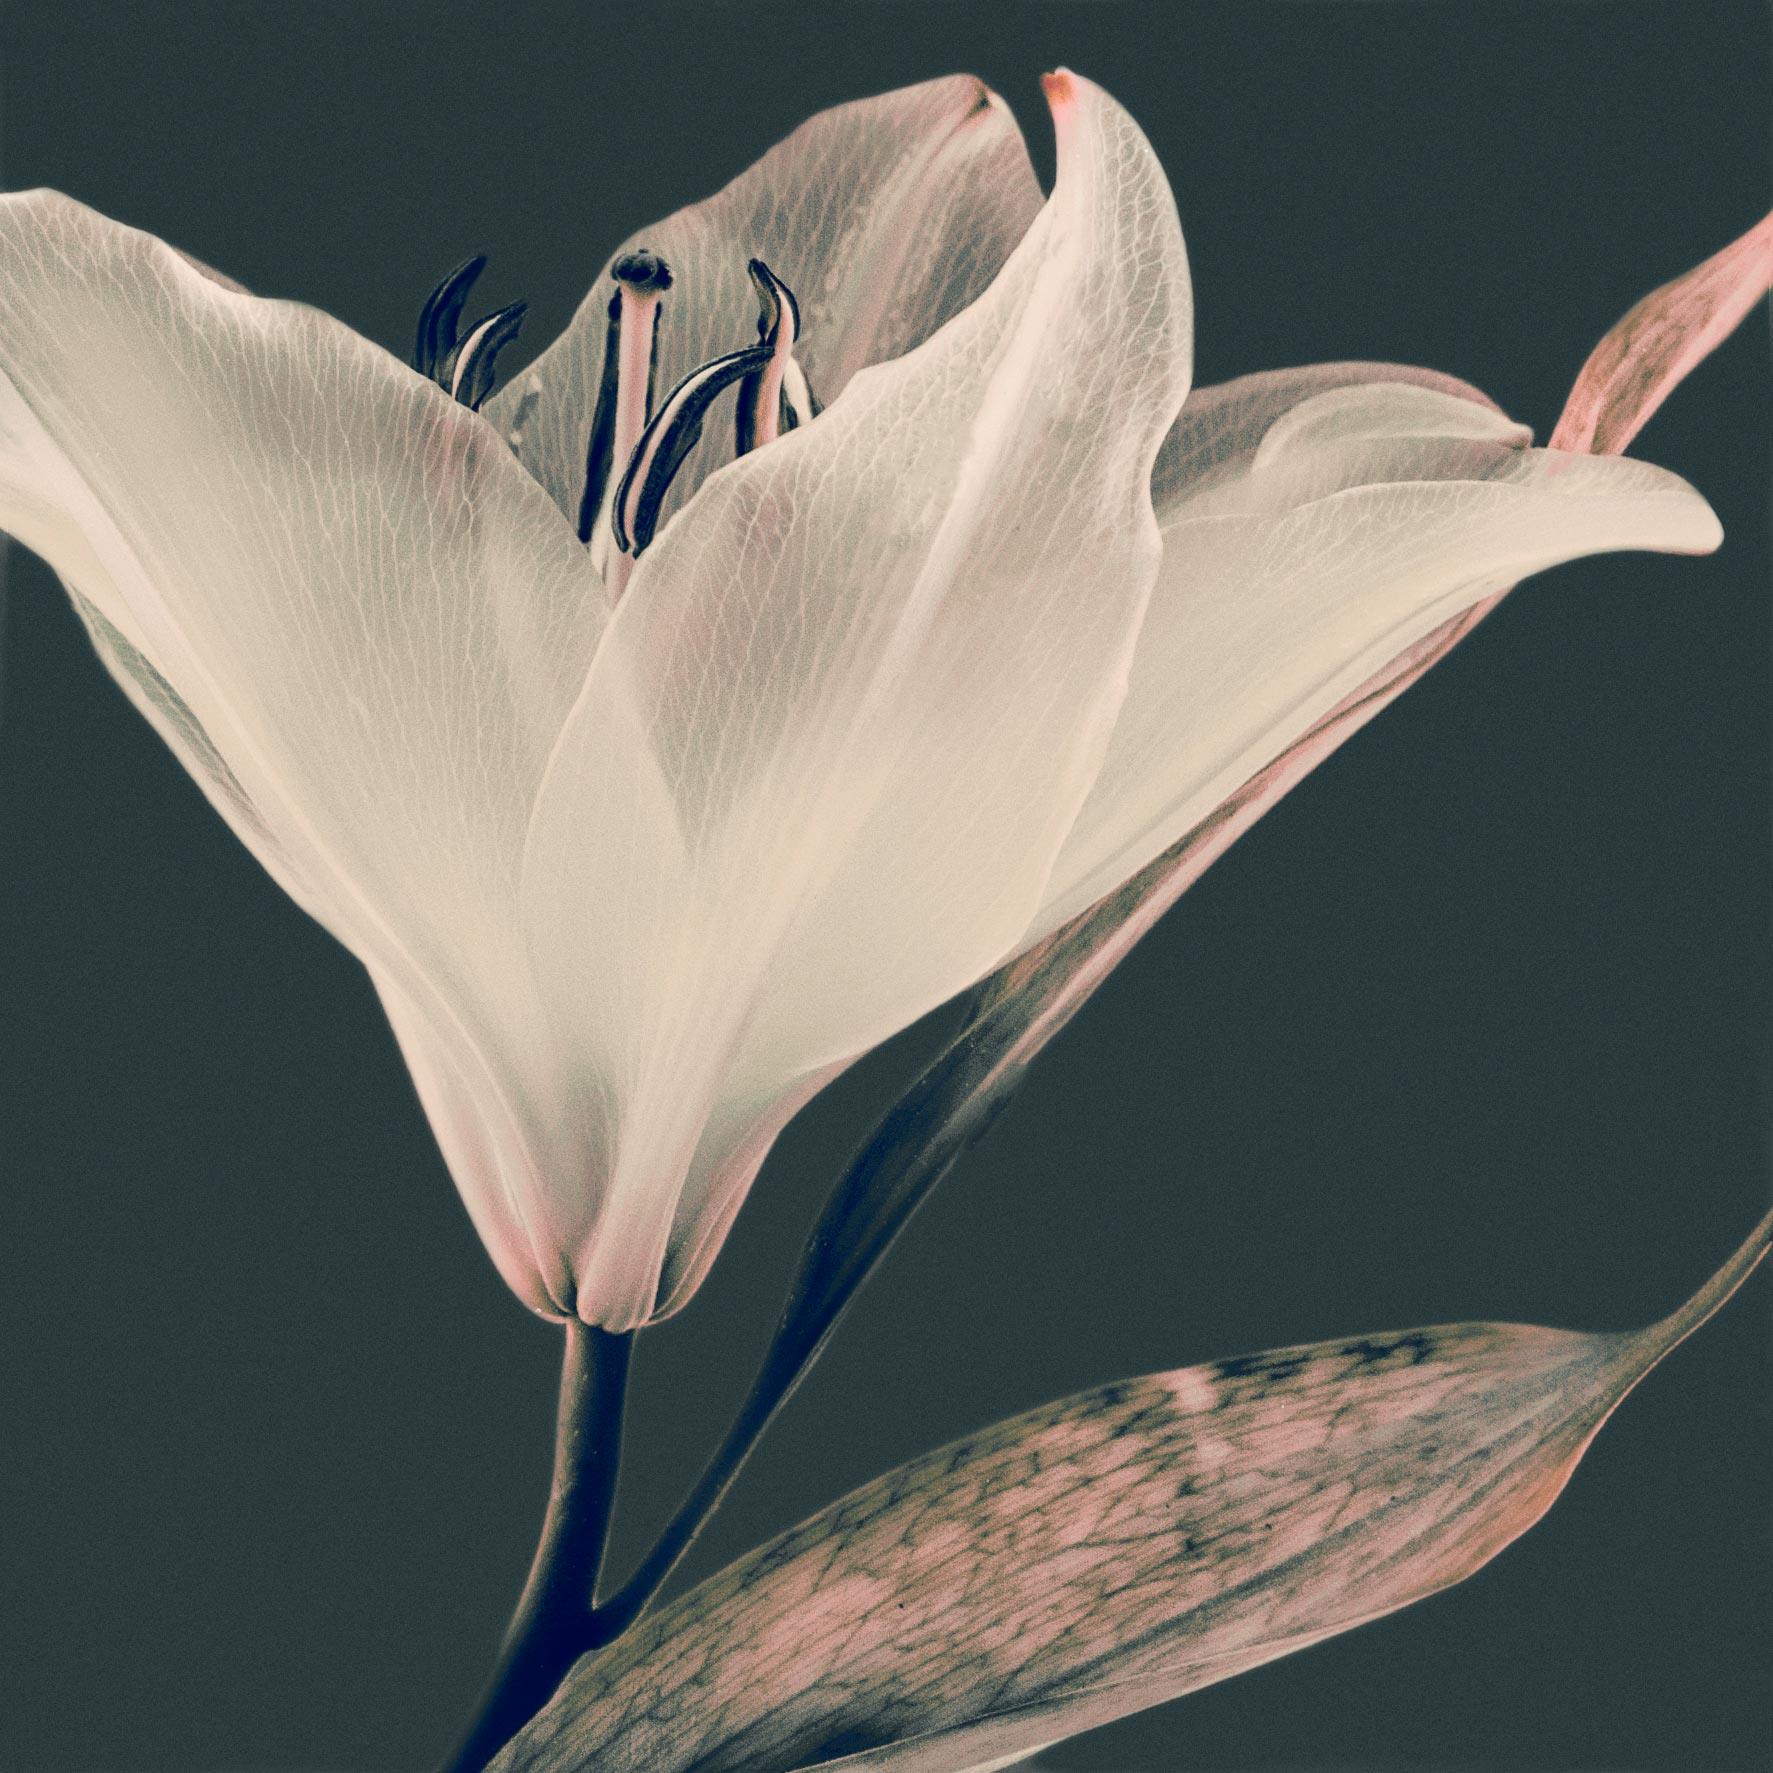 photographie d'une fleur de lys en transparence